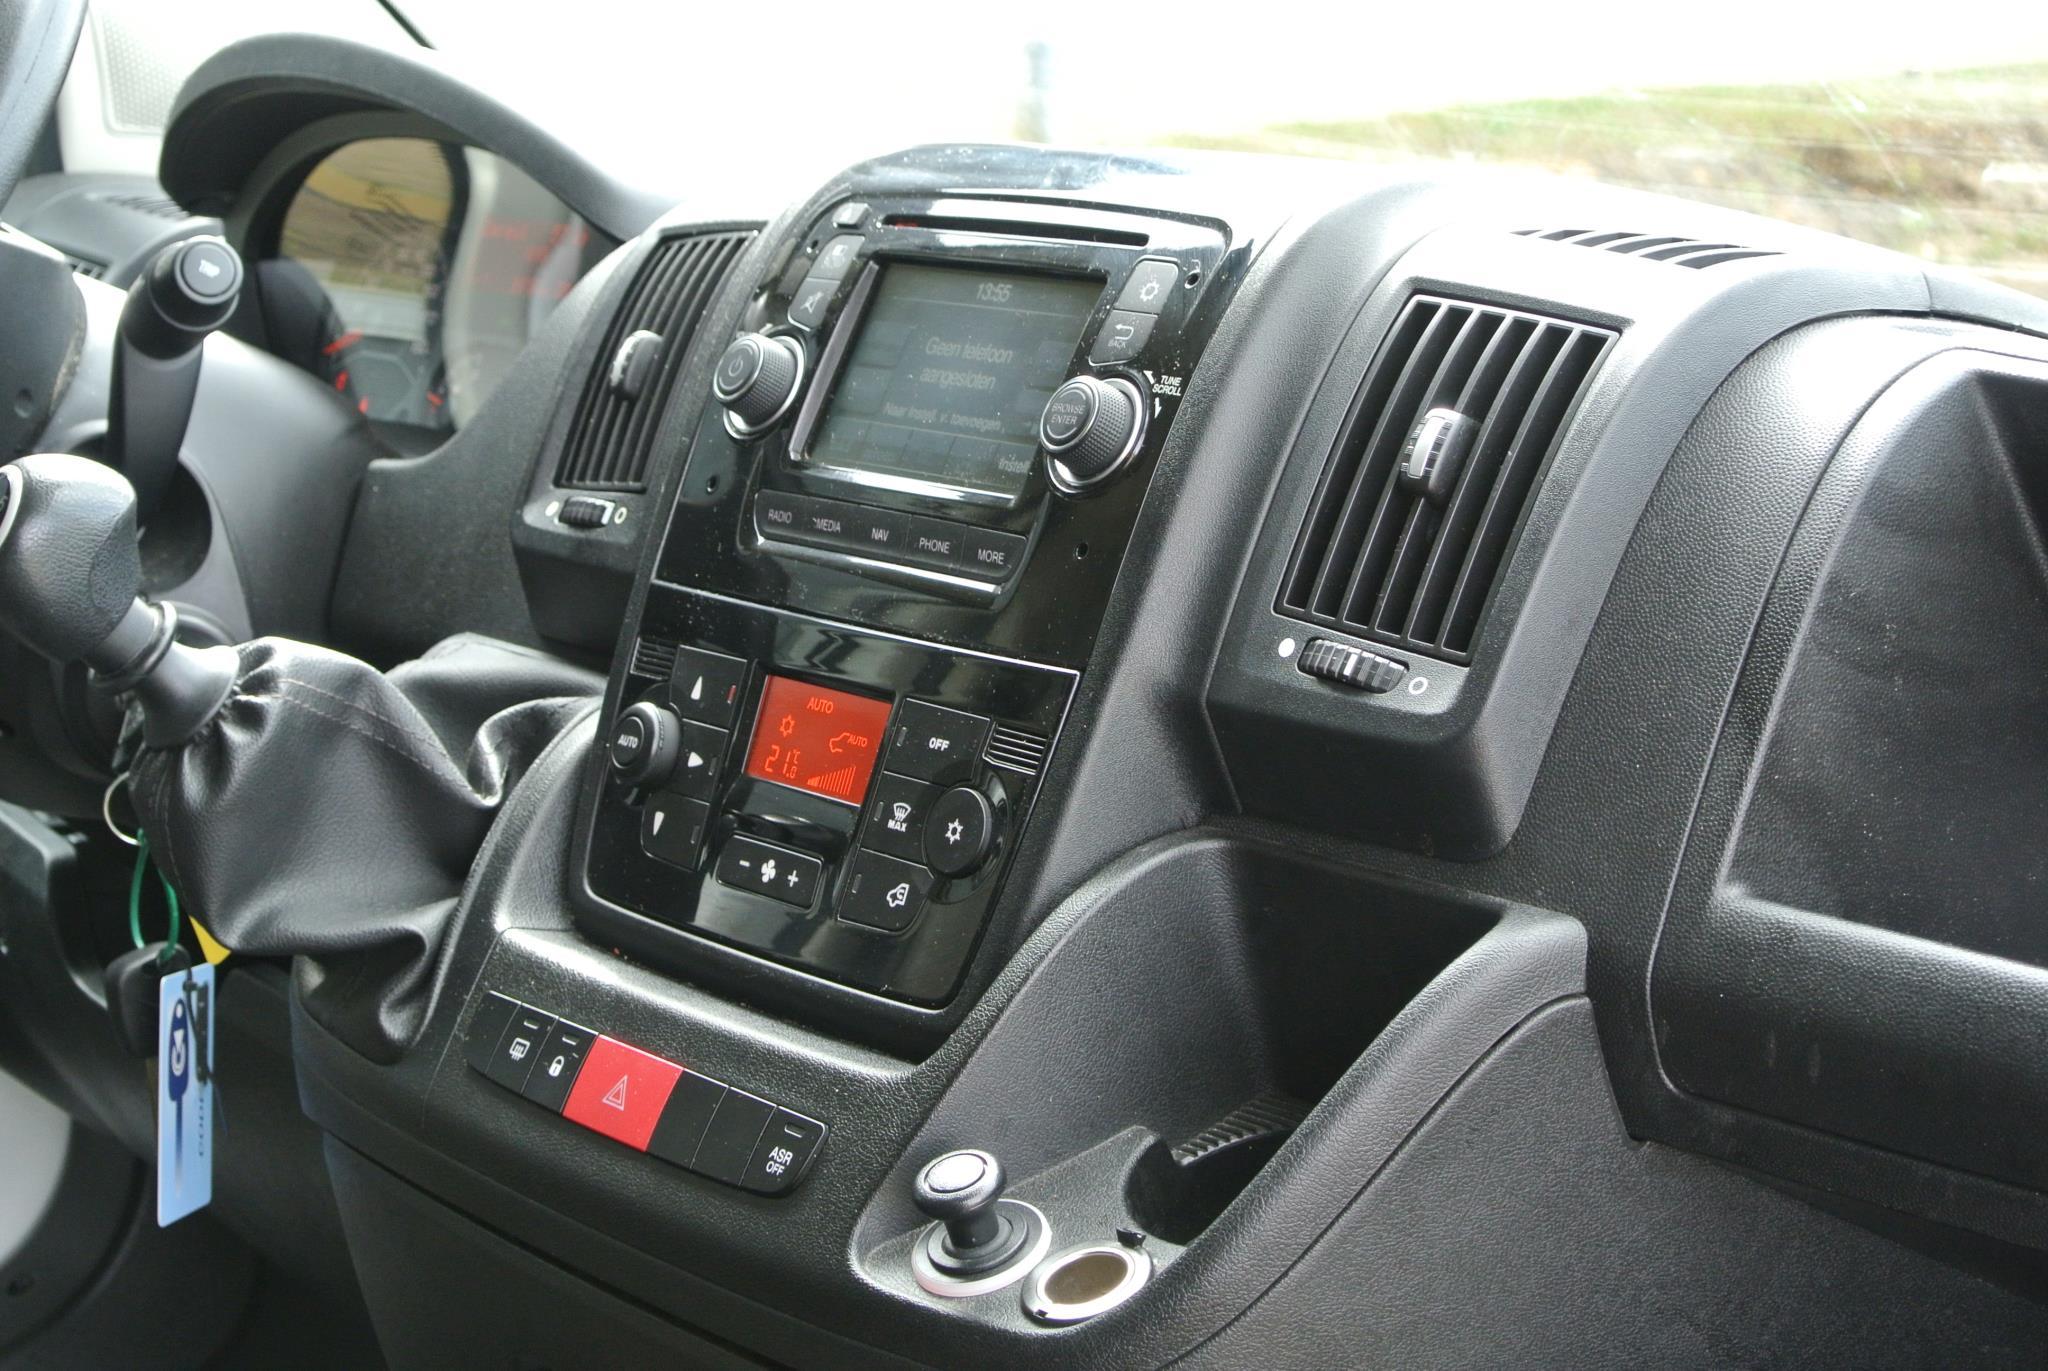 Volkswagen Golf 1.0 Tsi 115pk Comfortline | Navigatie | P-Sensoren | ACC | Apple Car Play | 16